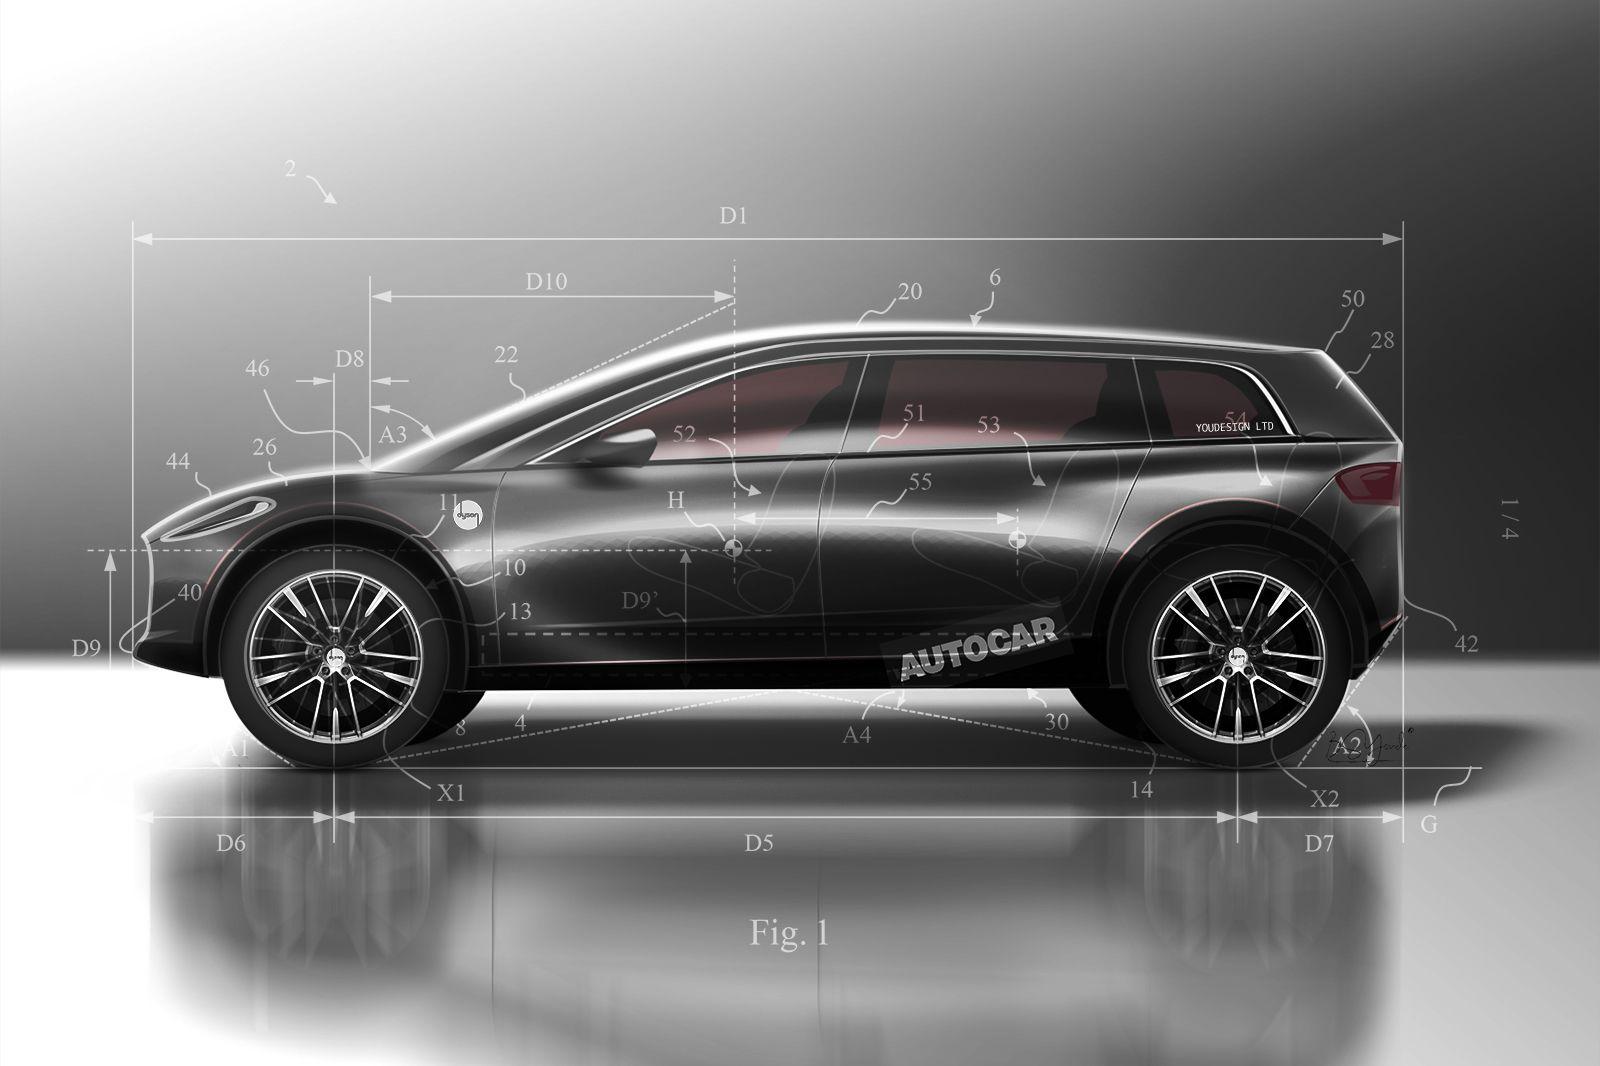 預計於2021年上市,Dyson投入885億台幣就為了造這輛車!